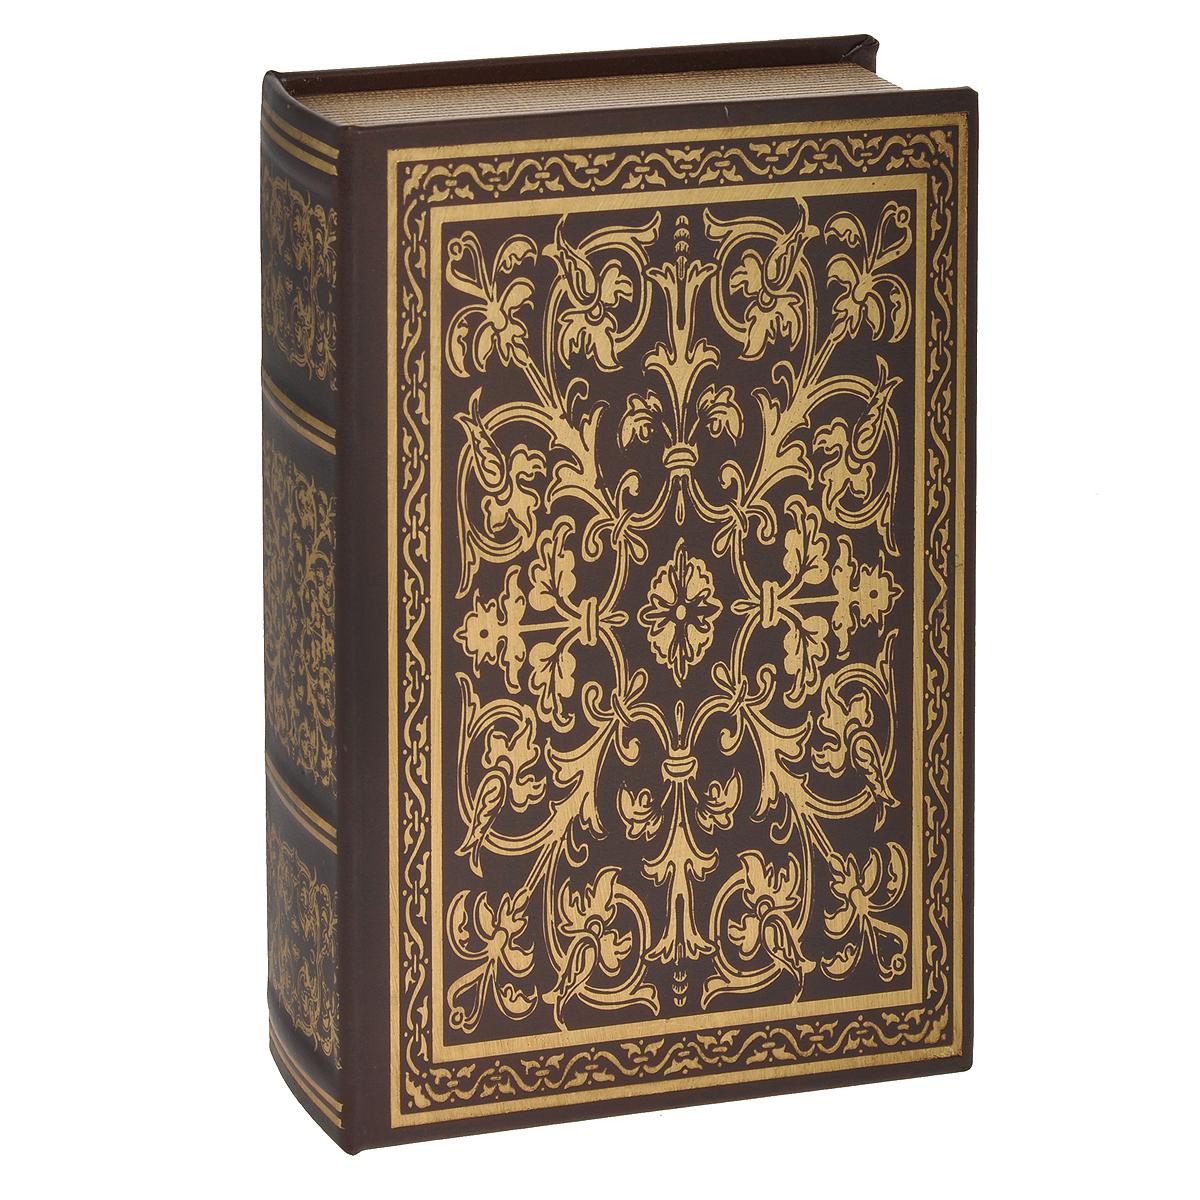 Шкатулка-фолиант Книга Соломона, цвет: коричневый, 21 см х 12 см х 4,5 см. 184159 шкатулка фолиант париж 21 14 3см